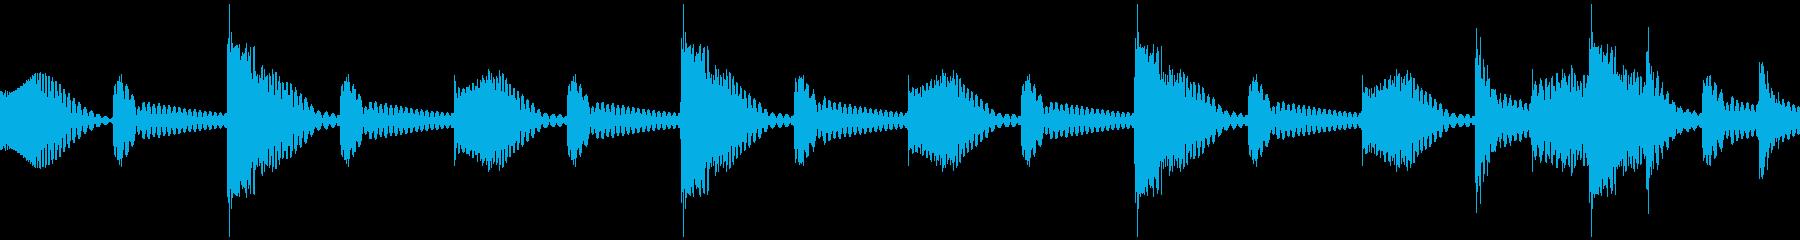 ムーブバージョン8の再生済みの波形